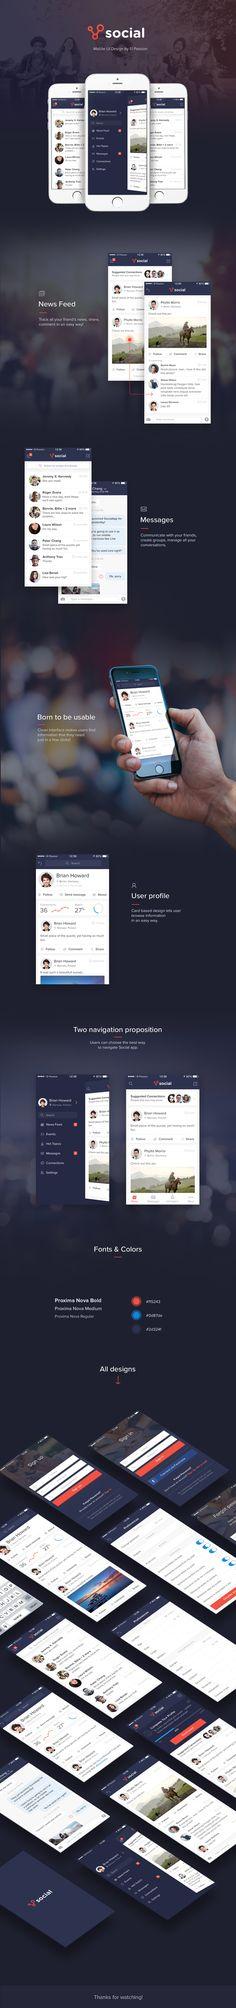 Social App - mobile design on Behance